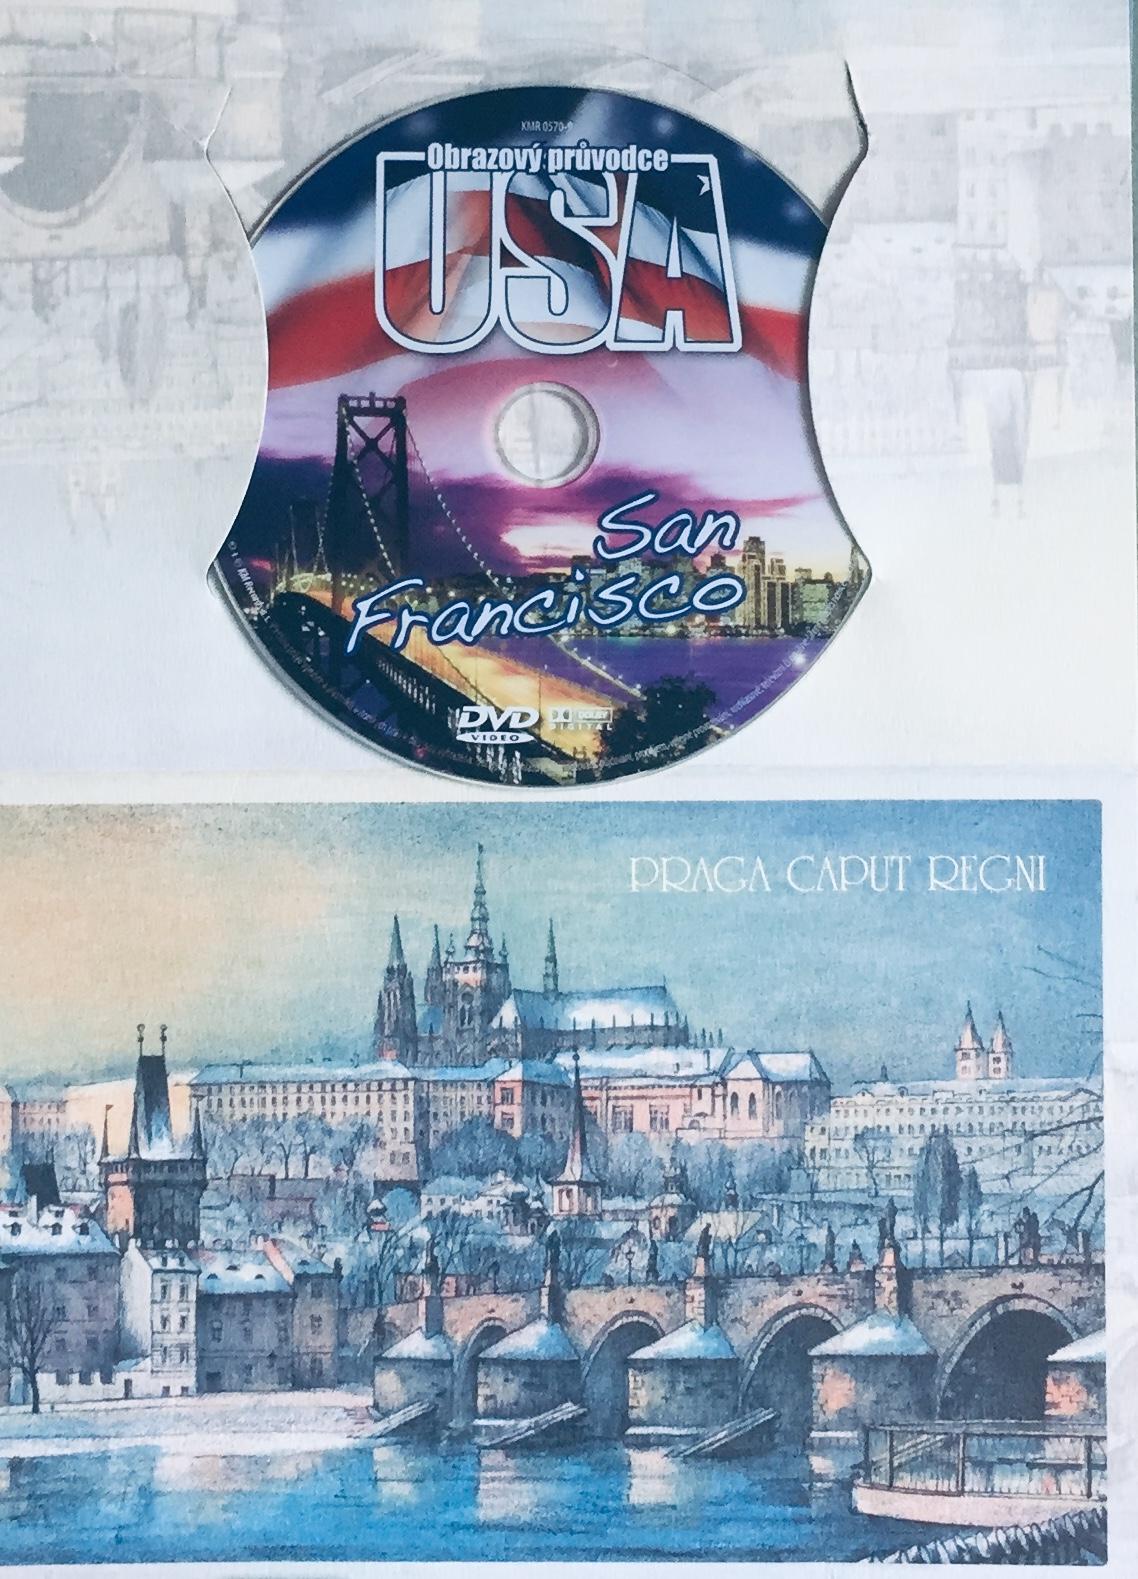 Obrazový průvodce - USA - San Francisco - DVD /dárkový obal/